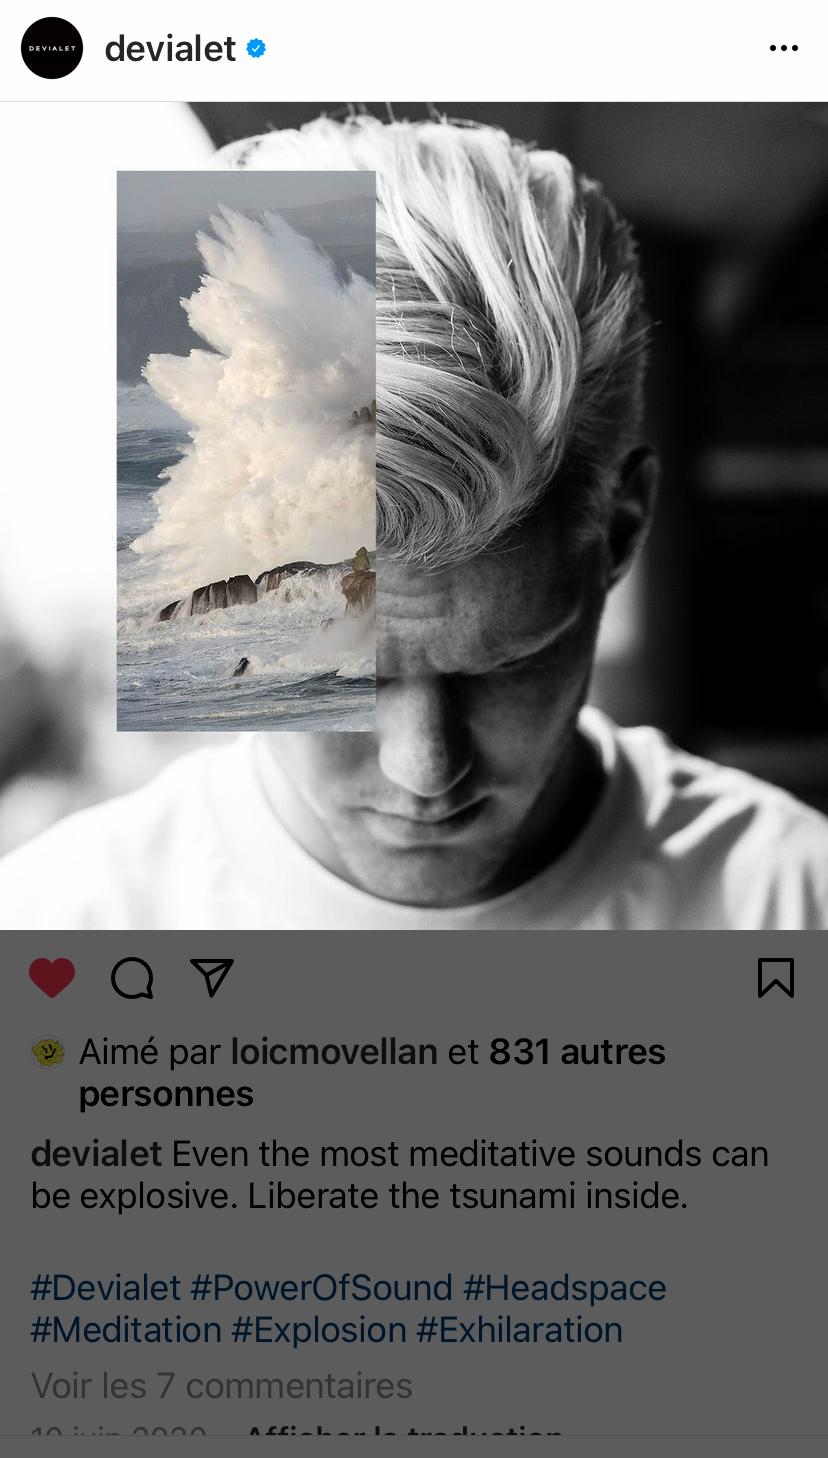 mise-en-situ-instagram-devialet1